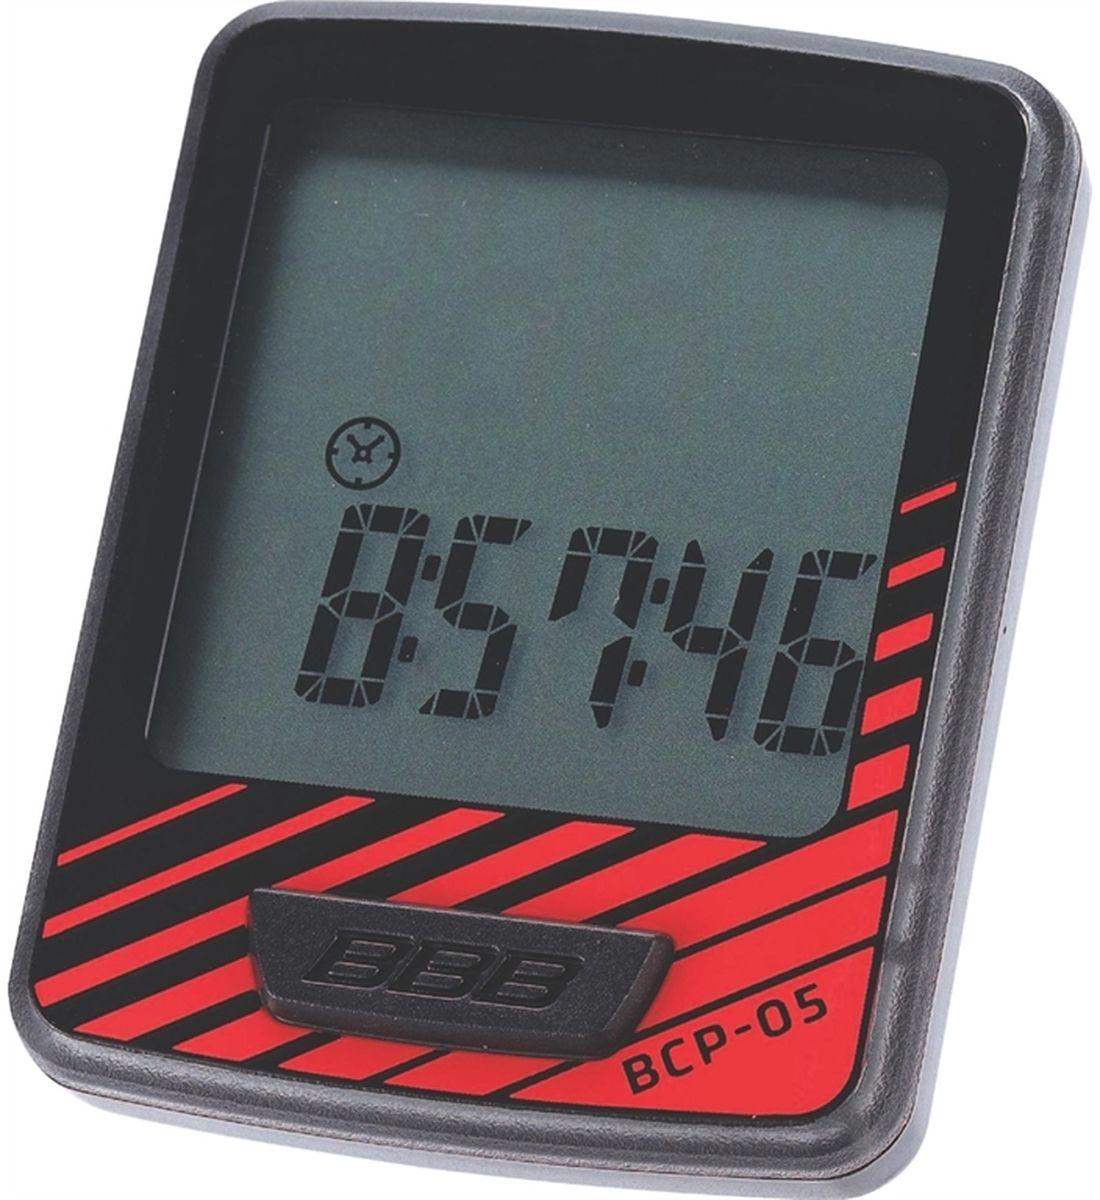 Велокомпьютер BBB DashBoard, 7 функций, цвет: черный, красныйBCP-05Велокомпьютер DashBoard стал, в своем роде, образцом для подражания. Появившись в линейке в 2006 году как простой и небольшой велокомпьютер с большим и легкочитаемым экраном, он эволюционировал в любимый прибор велосипедистов, которым нужна простая в использовании вещь без тысячи лишних функций. Когда пришло время обновить DashBoard, мы поставили во главу угла именно простоту дизайна и использования, в то же время, выведя оба этих параметра на новый уровень. Общий размер велокомпьютера уменьшился за счет верхней части корпуса. Но сам размер экрана остался без изменений - 32 на 32мм, позволяющие легко считывать информацию. Управление одной кнопкой также было сохранено в новой версии. Упрощение конструкции осзначает также меньшее количество швов и лучшую влагозащиту. Так что, DashBoard стал лучше, но остался тем же самым верным другом и помочником, что и был. Проводной компьютер с 7 функциями: Текущая скорость Расстояние поездки Одометр ...